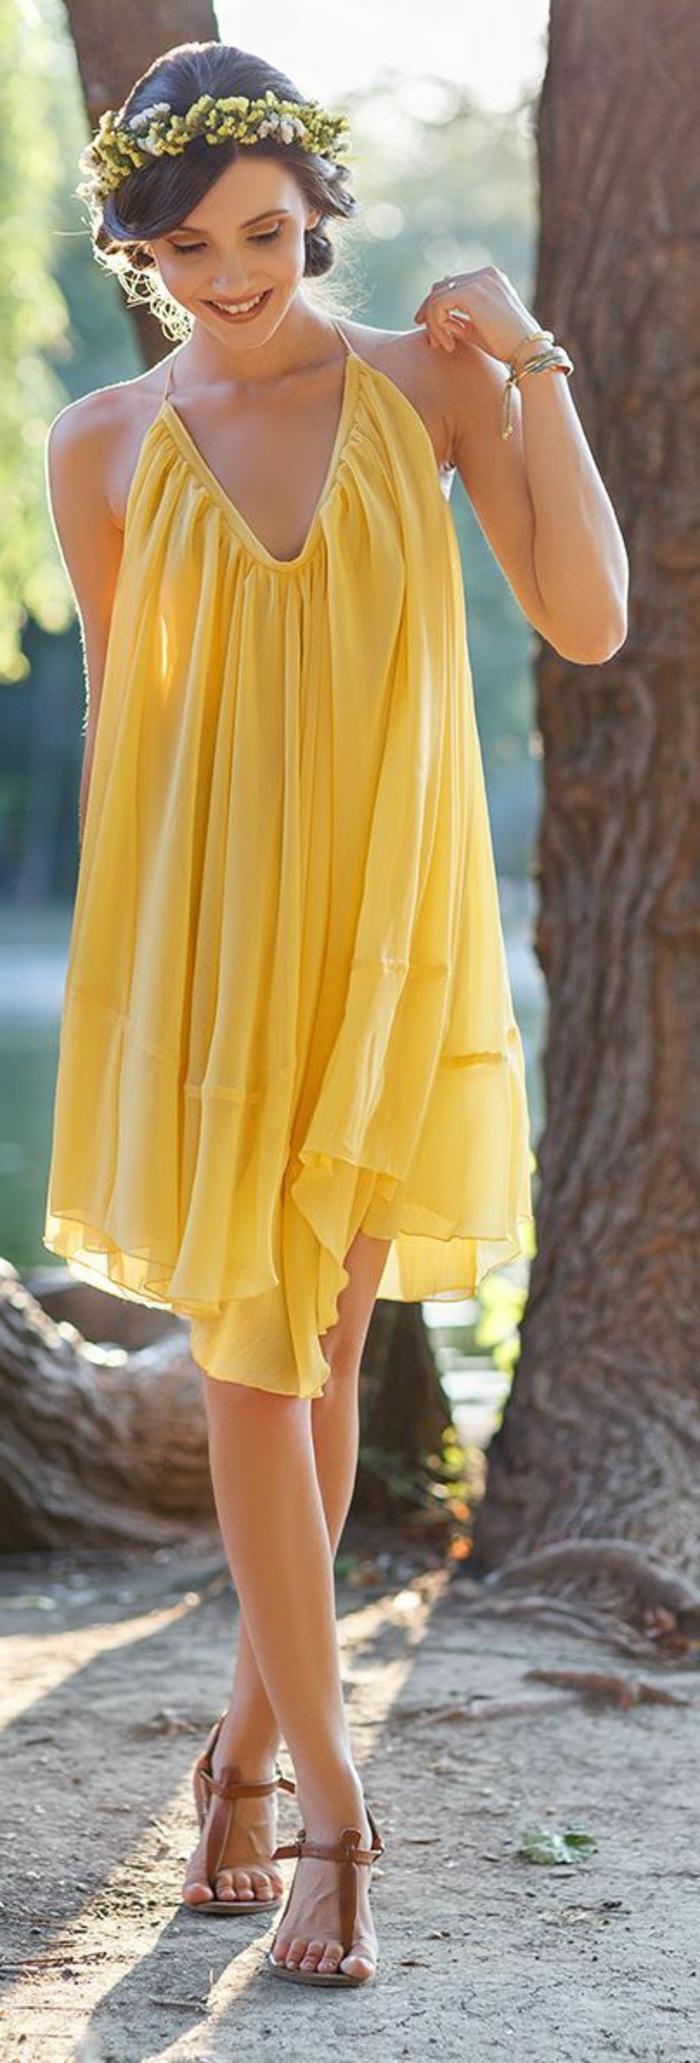 kleid gelb luftig weiblich frauenmode